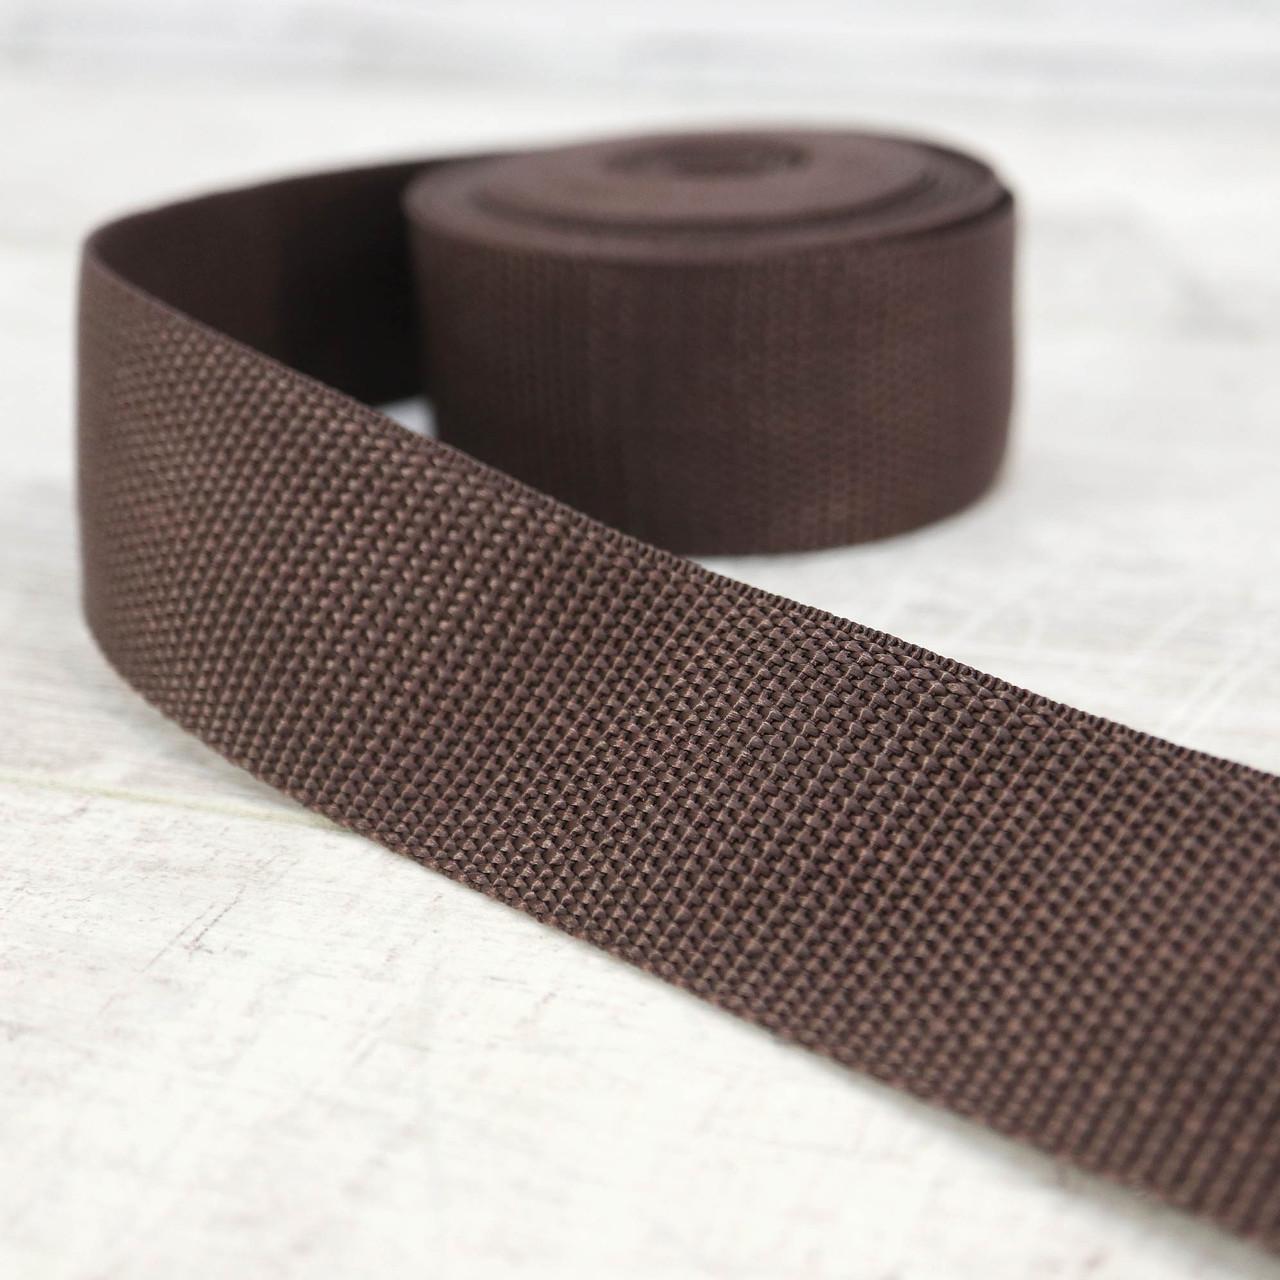 Ременная лента 36 мм коричневая полипропилен для сумок a4059 (15 м.)